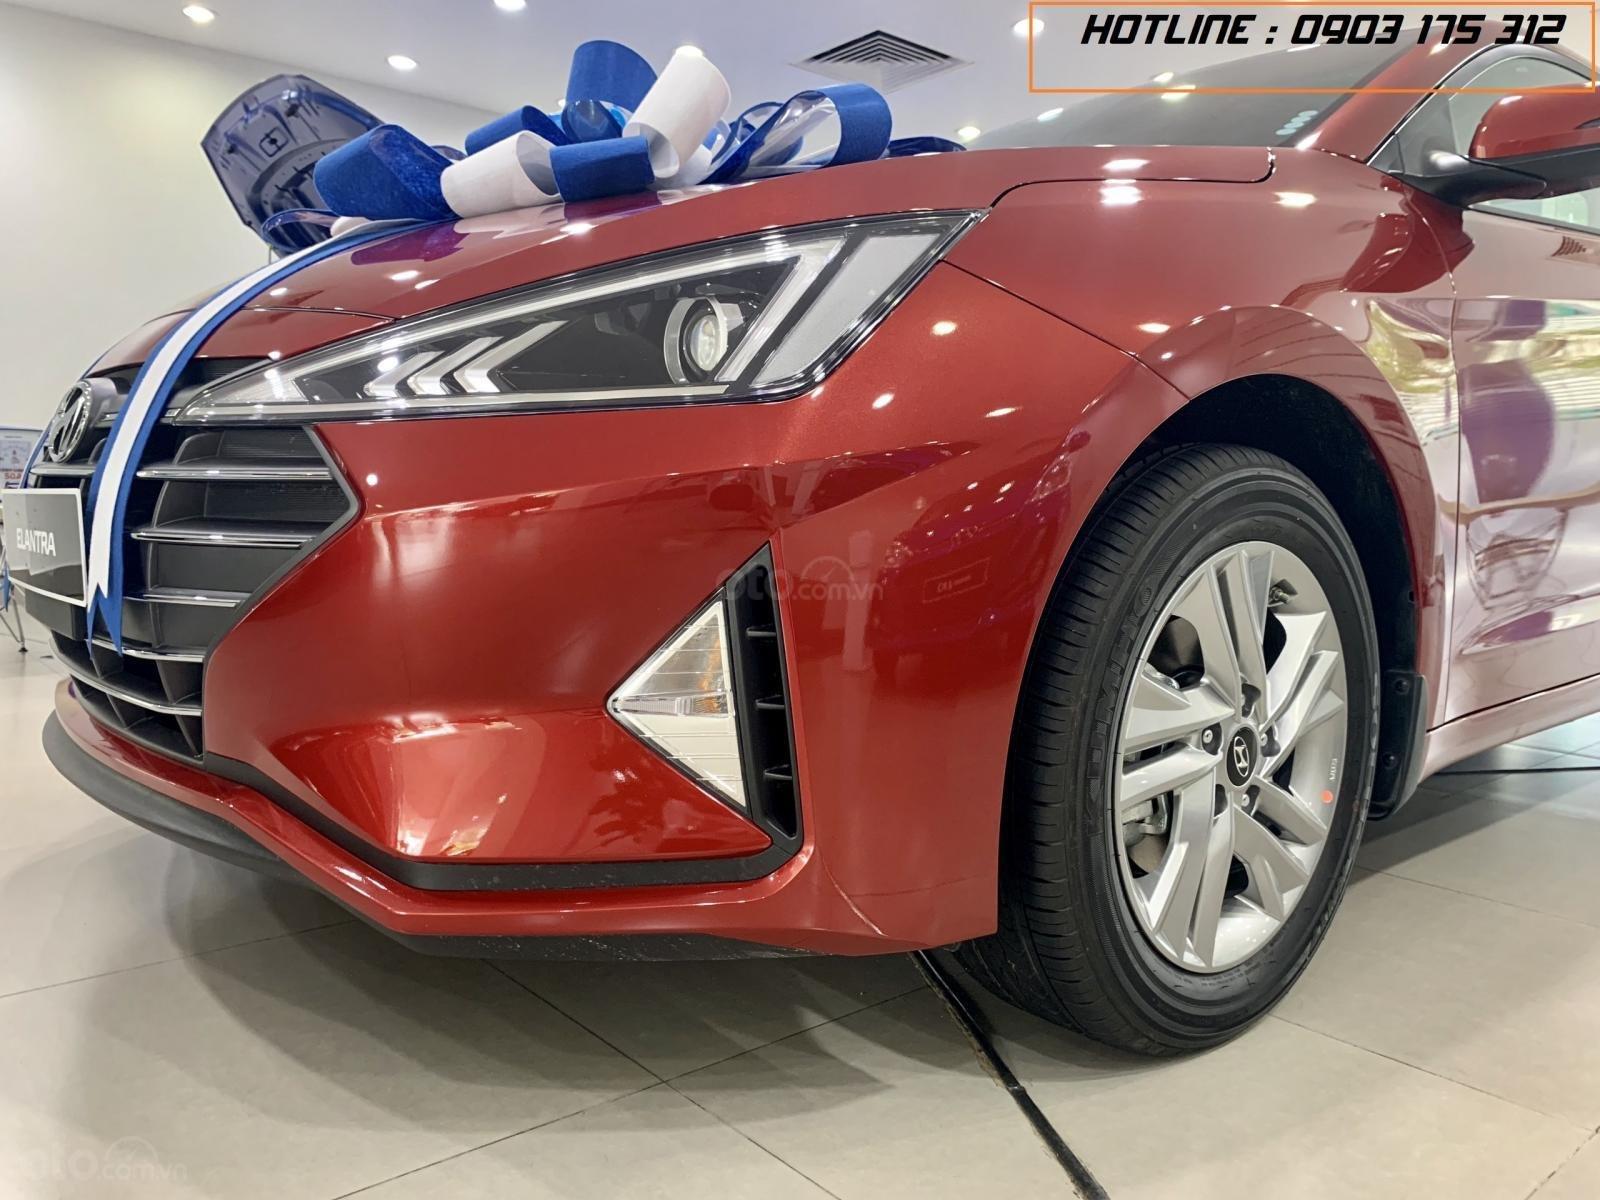 Hyundai Elantra xe sẵn giao ngay, giá giảm sâu, tặng thêm nhiều quà tặng giá trị. Lh: 0977 139 312 (3)